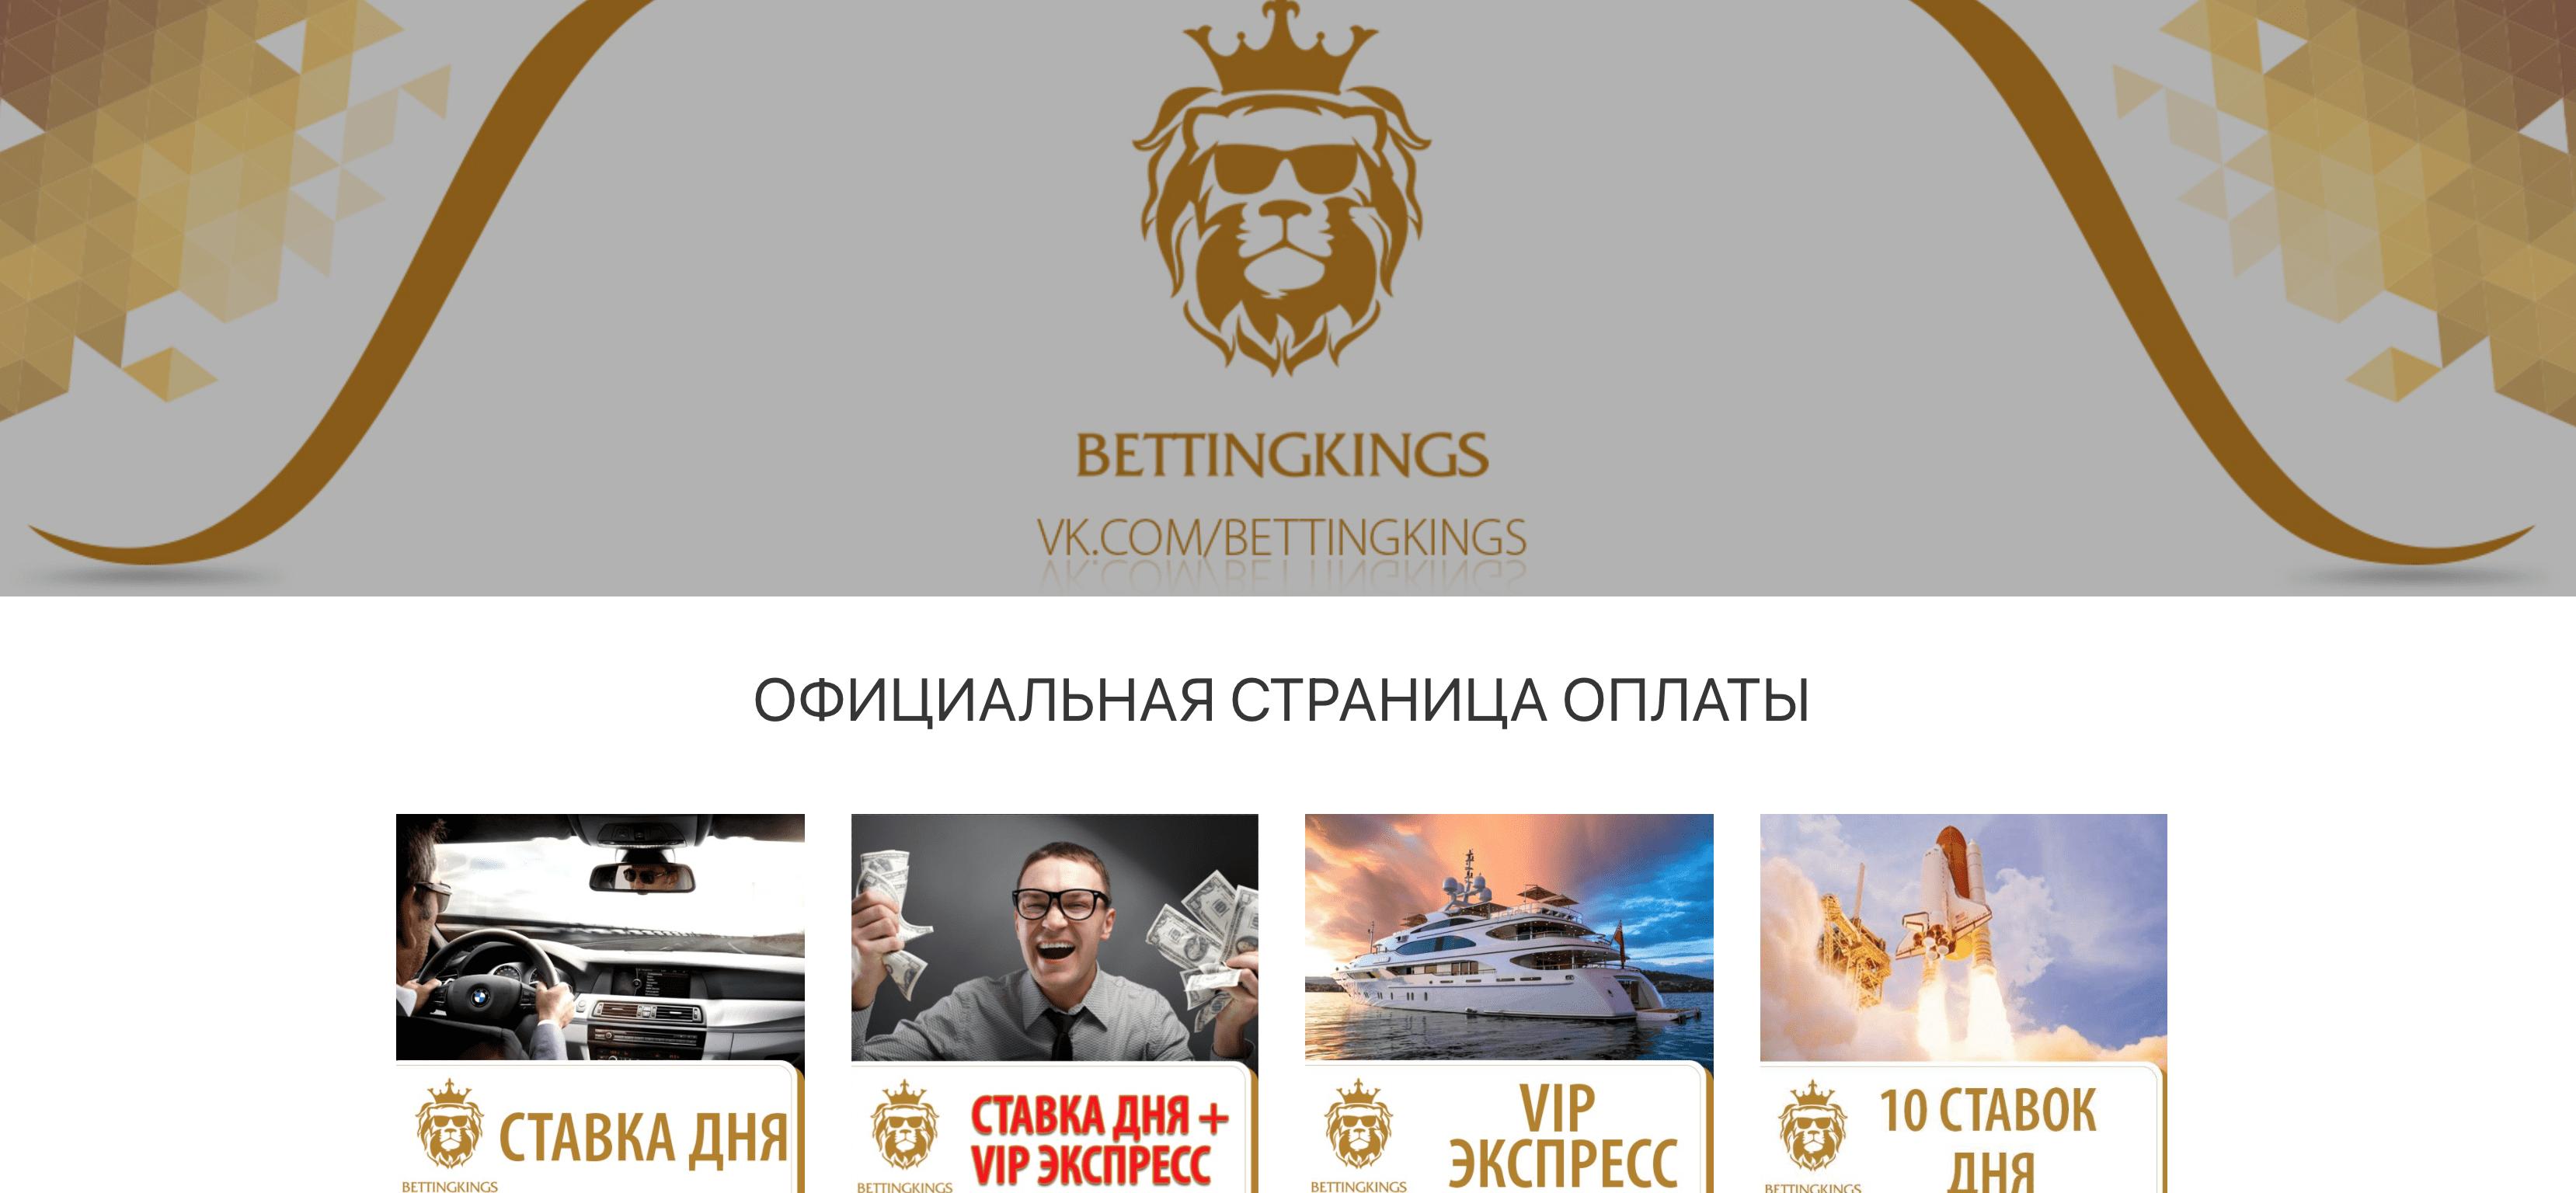 Главная страница сайта BettingKings